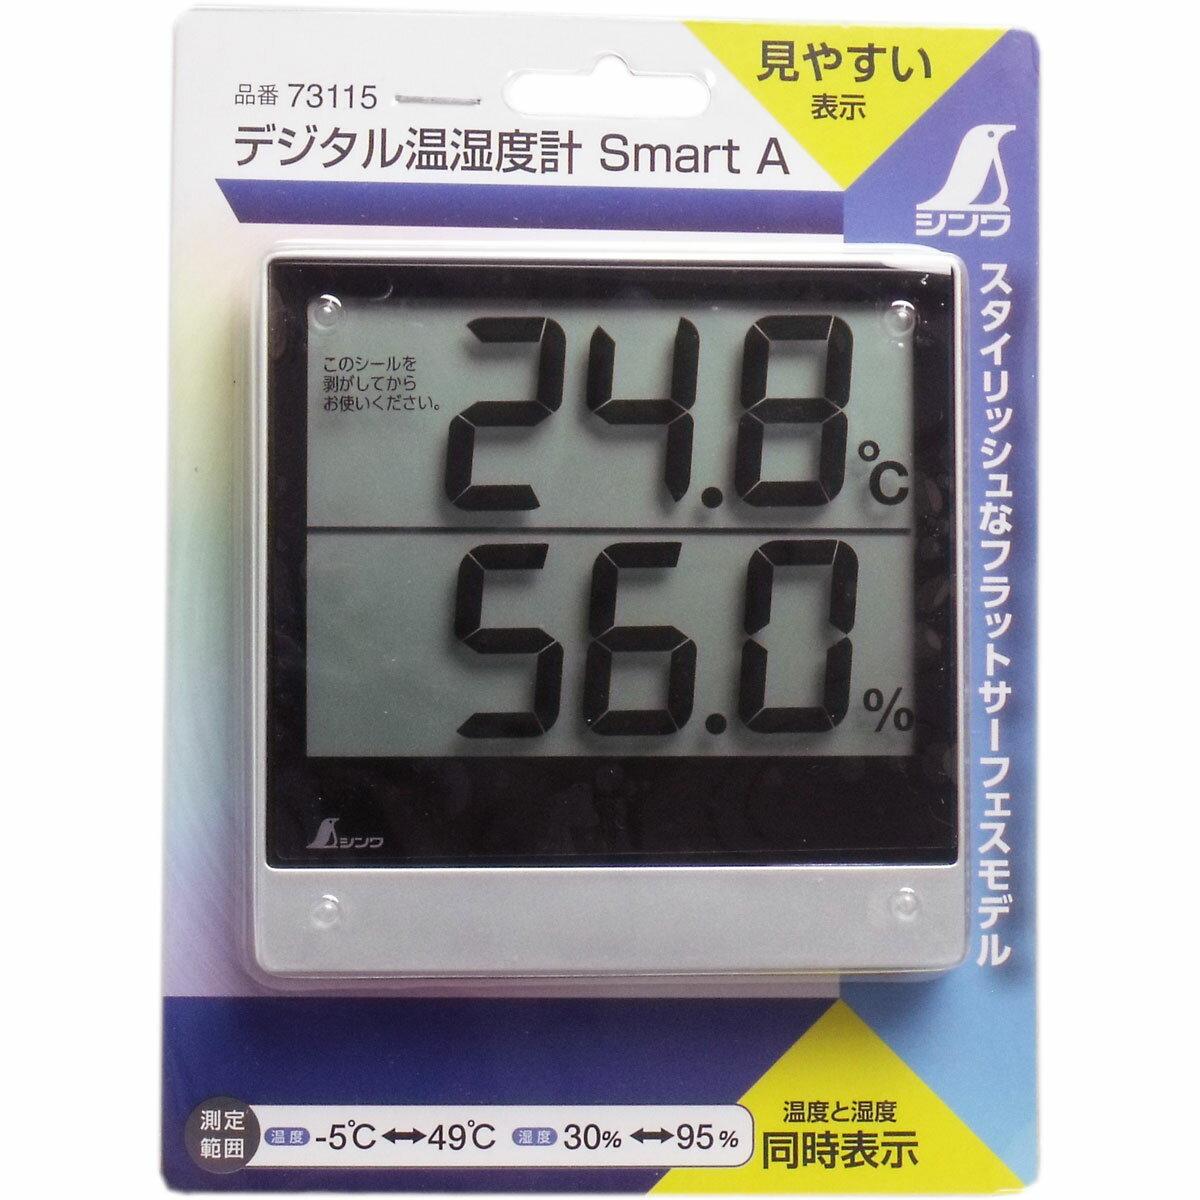 デジタル温湿度計 スマートA 【温度計 湿度計】